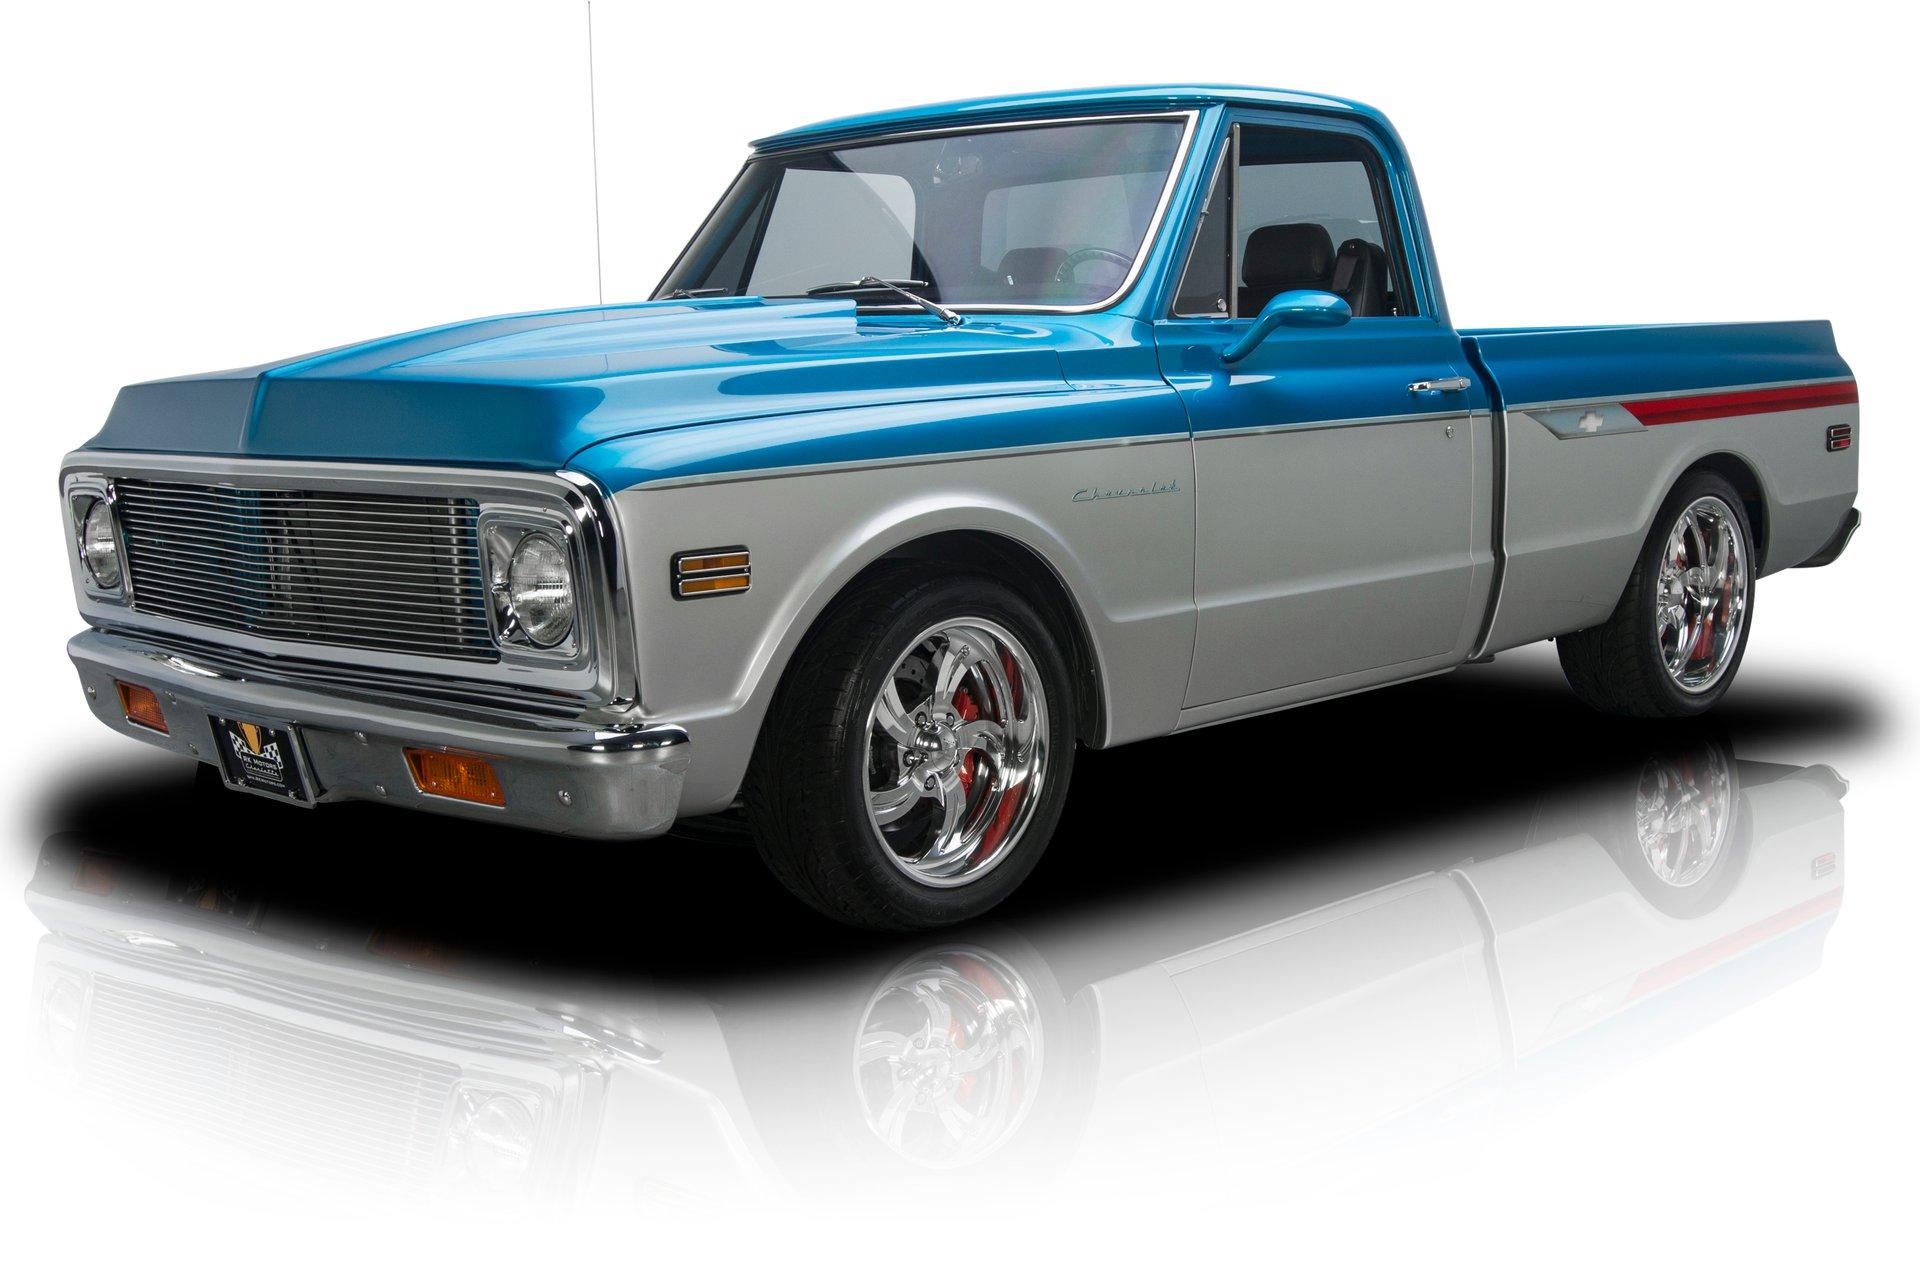 1971 chevrolet c10 cheyenne pickup truck